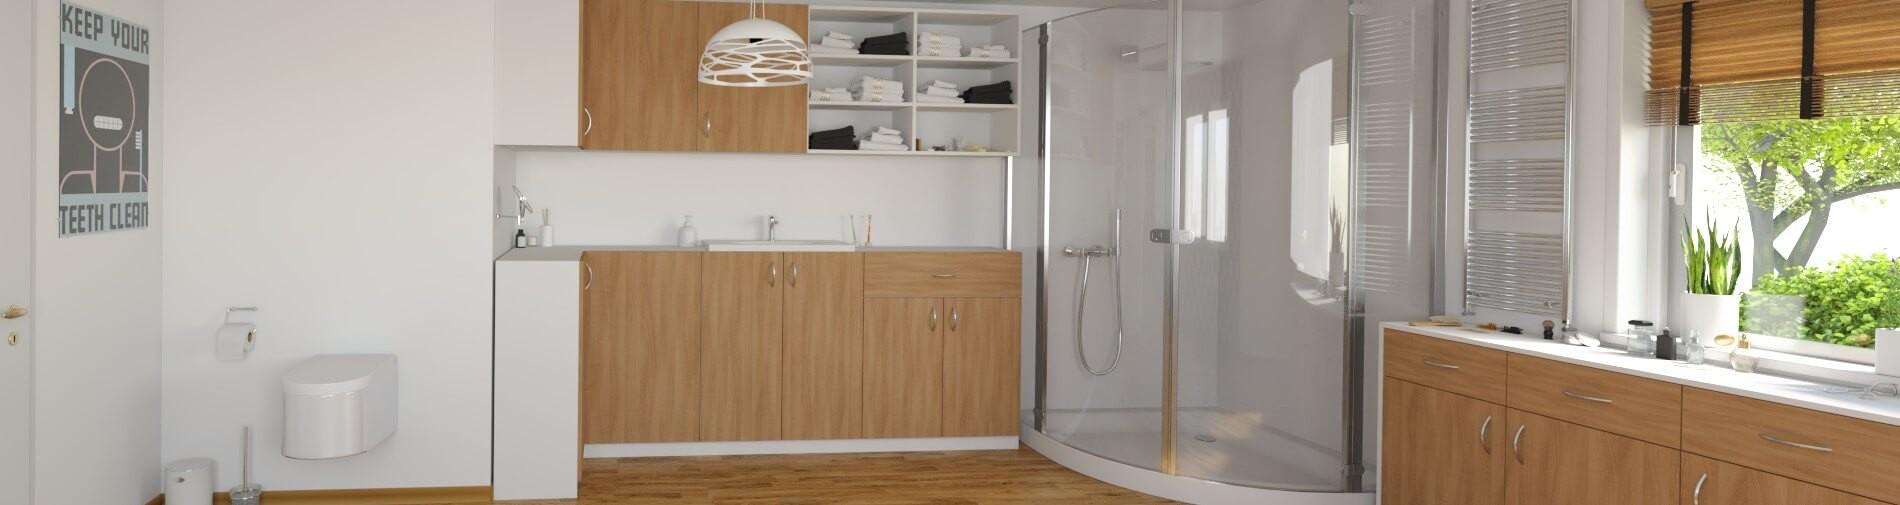 Attraktiv Badmöbel Selber Bauen Referenz Von Badezimmerschrank Maßanfertigung